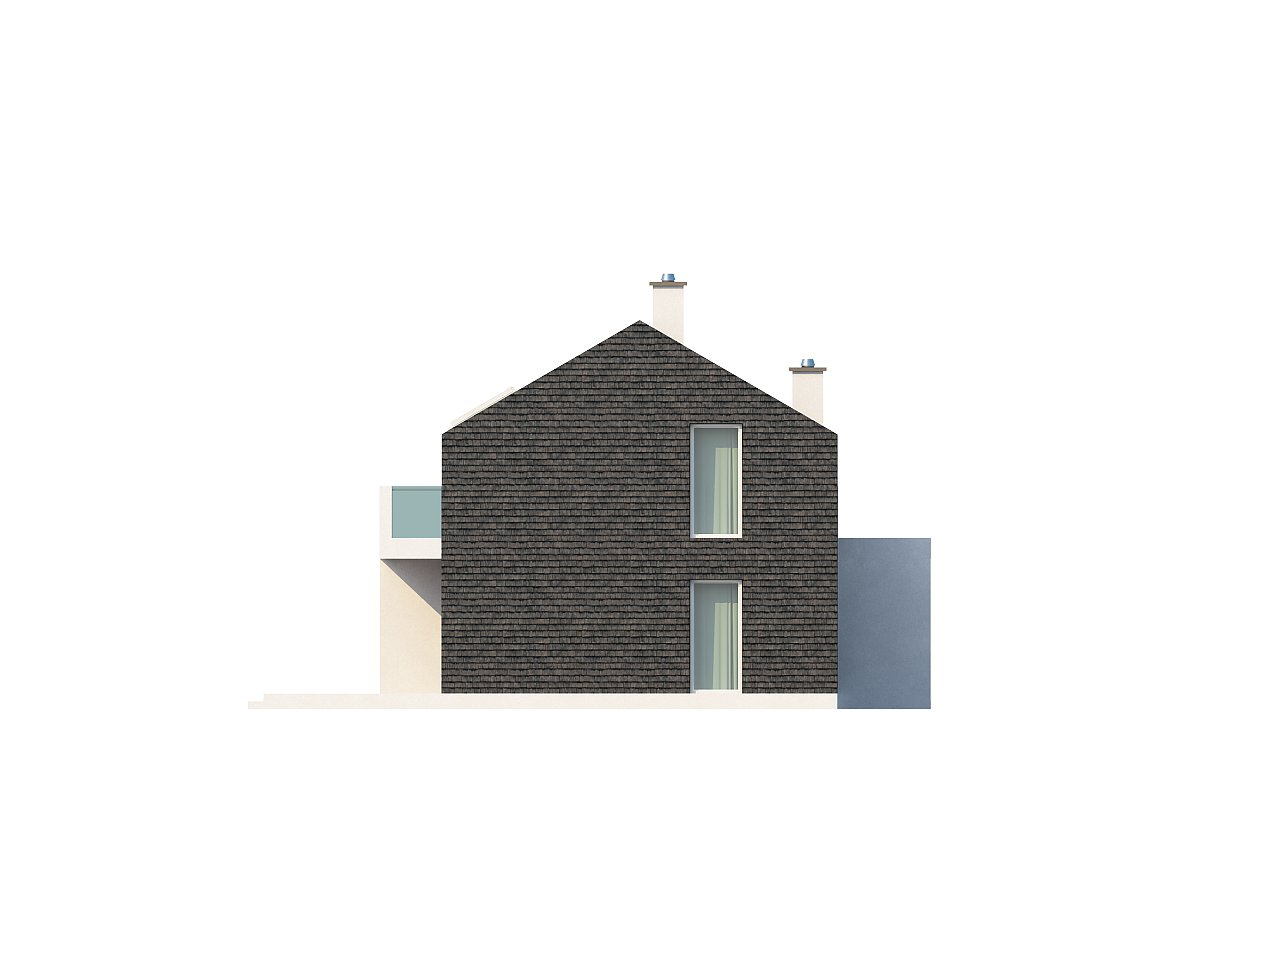 Современный эксклюзивный дом с каменной облицовкой, подходящий для узкого участка. 16